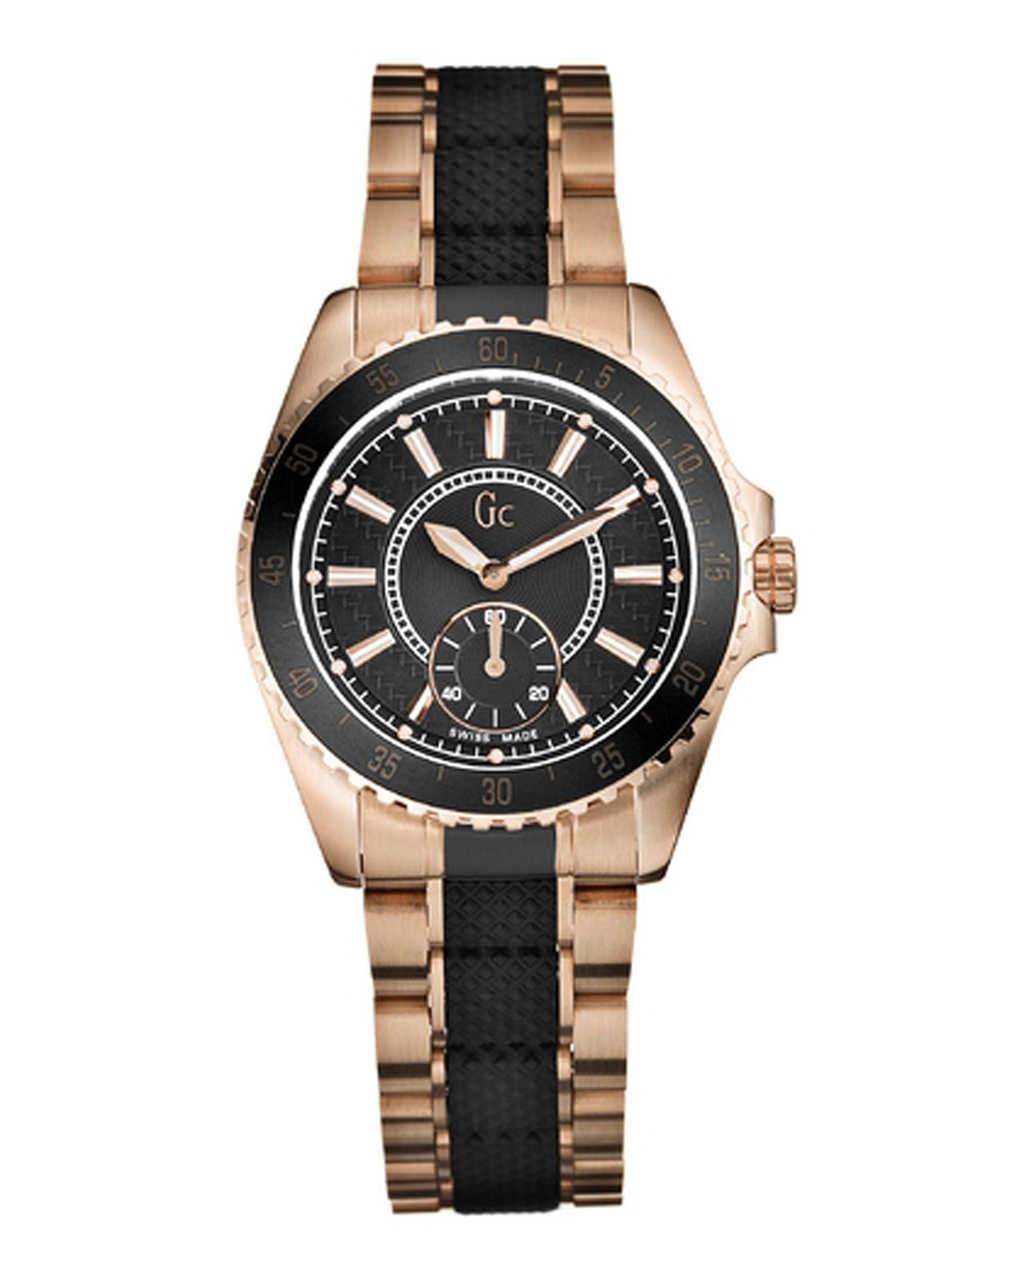 Ρολόι Guess Collection 47001L1   προσφορεσ ρολόγια ρολόγια απο 300 έως 500ε